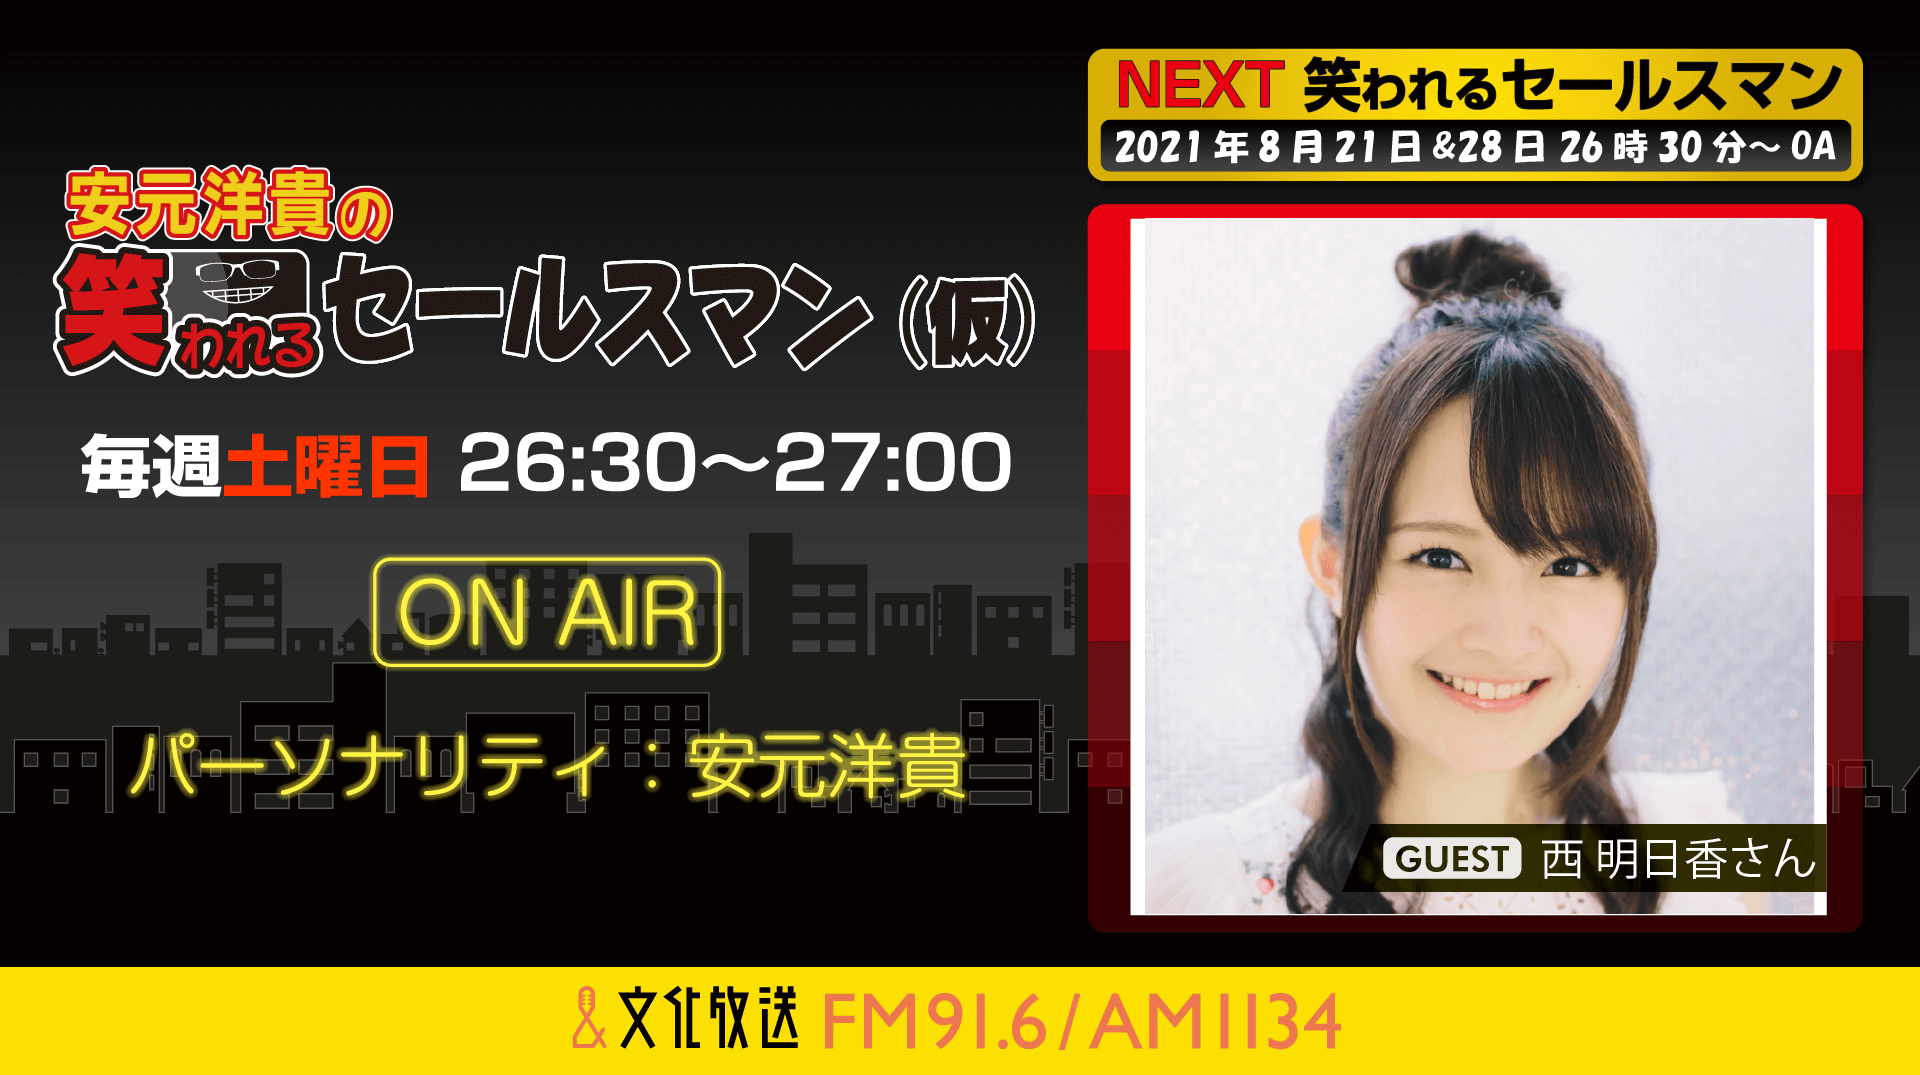 8月28日の放送には、西明日香さんがゲストに登場!『安元洋貴の笑われるセールスマン(仮)』